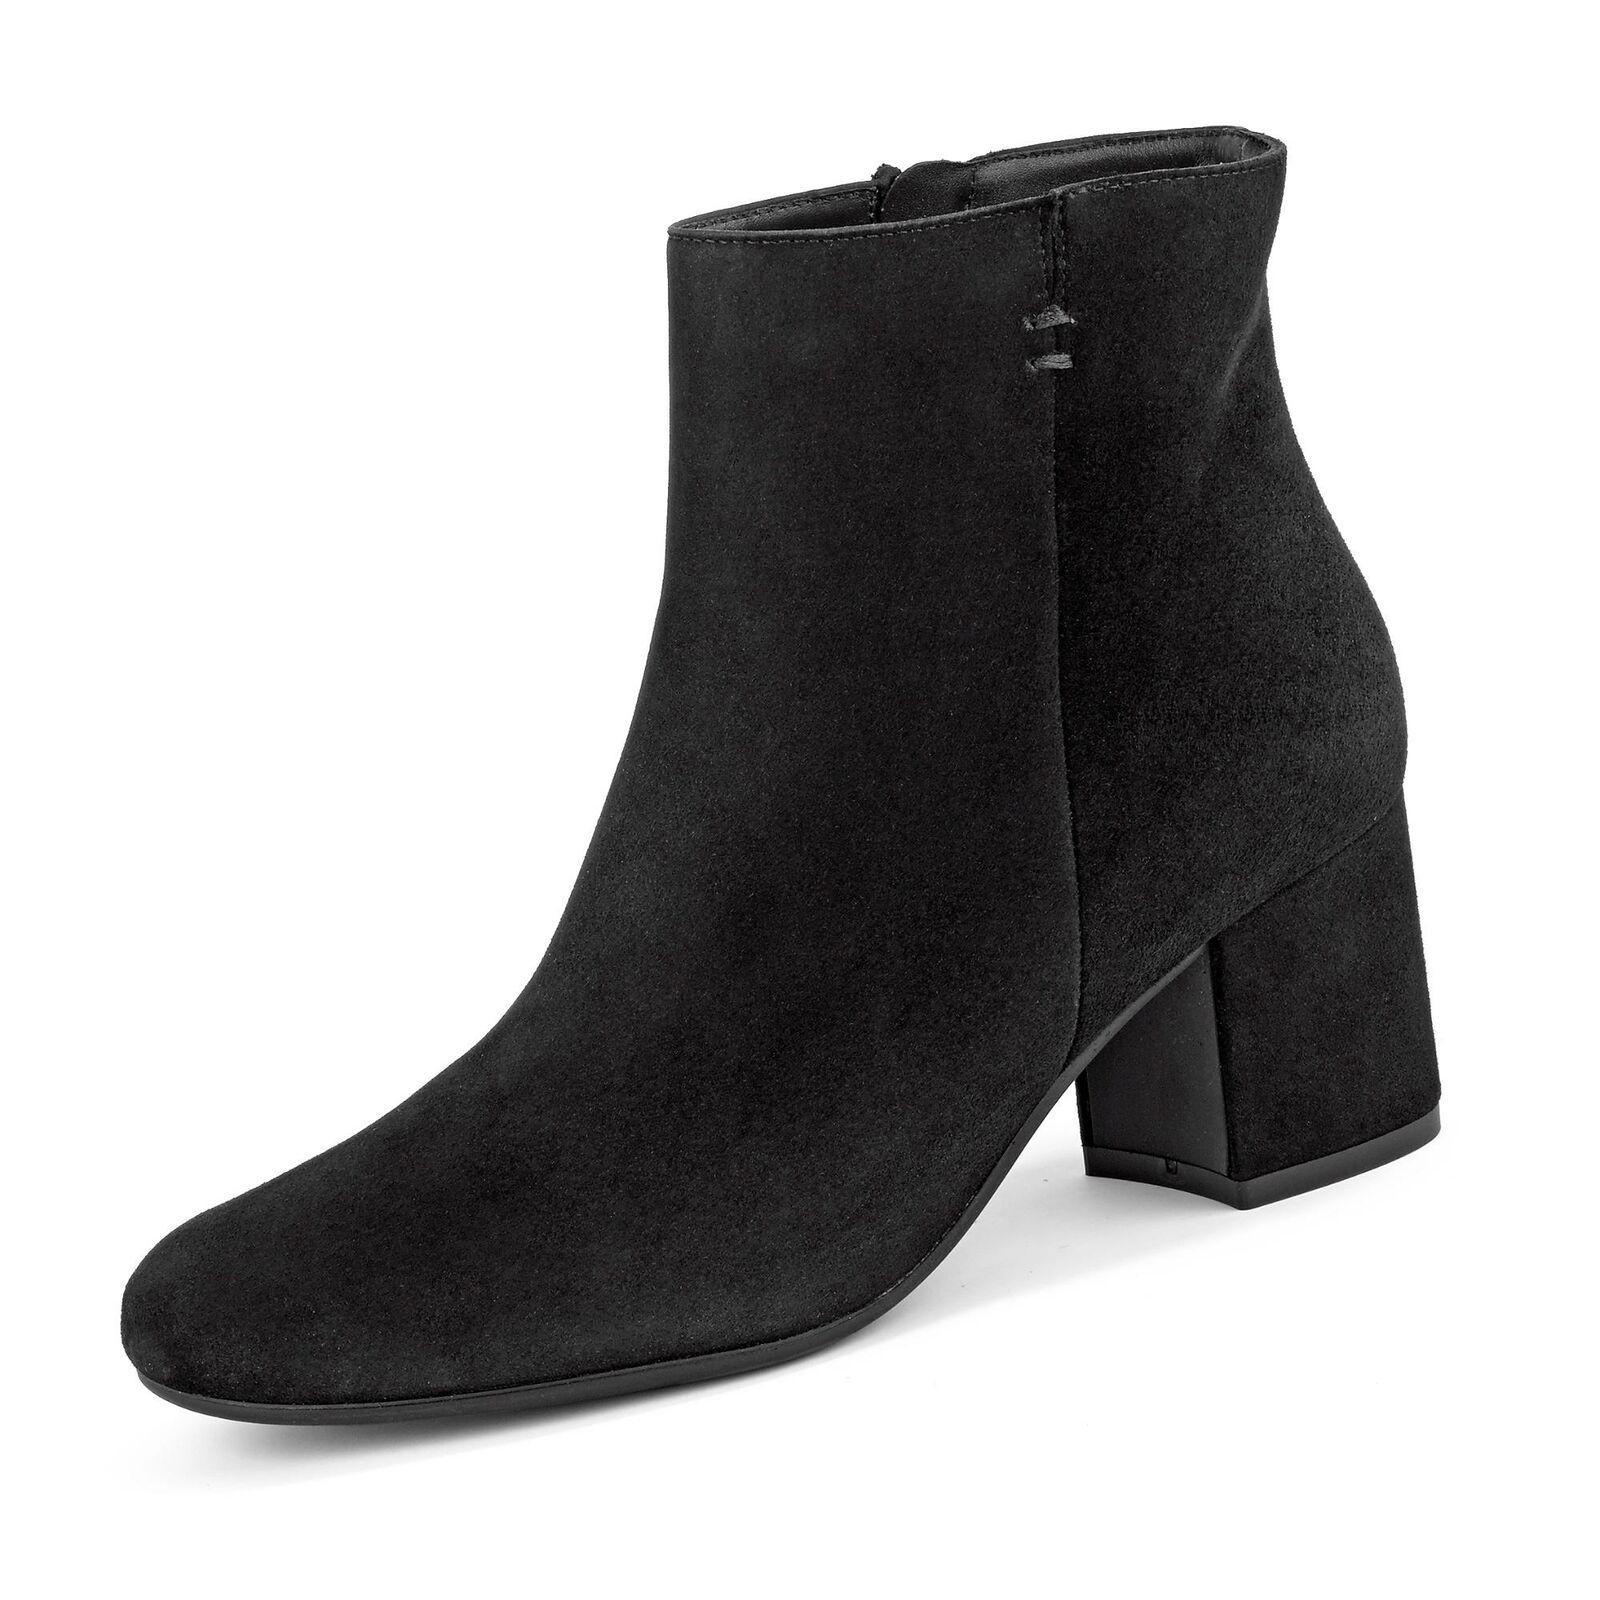 Paul Grün Damänner klassische Stiefelette Stiefel Ankle Stiefel Veloursleder Schuhe